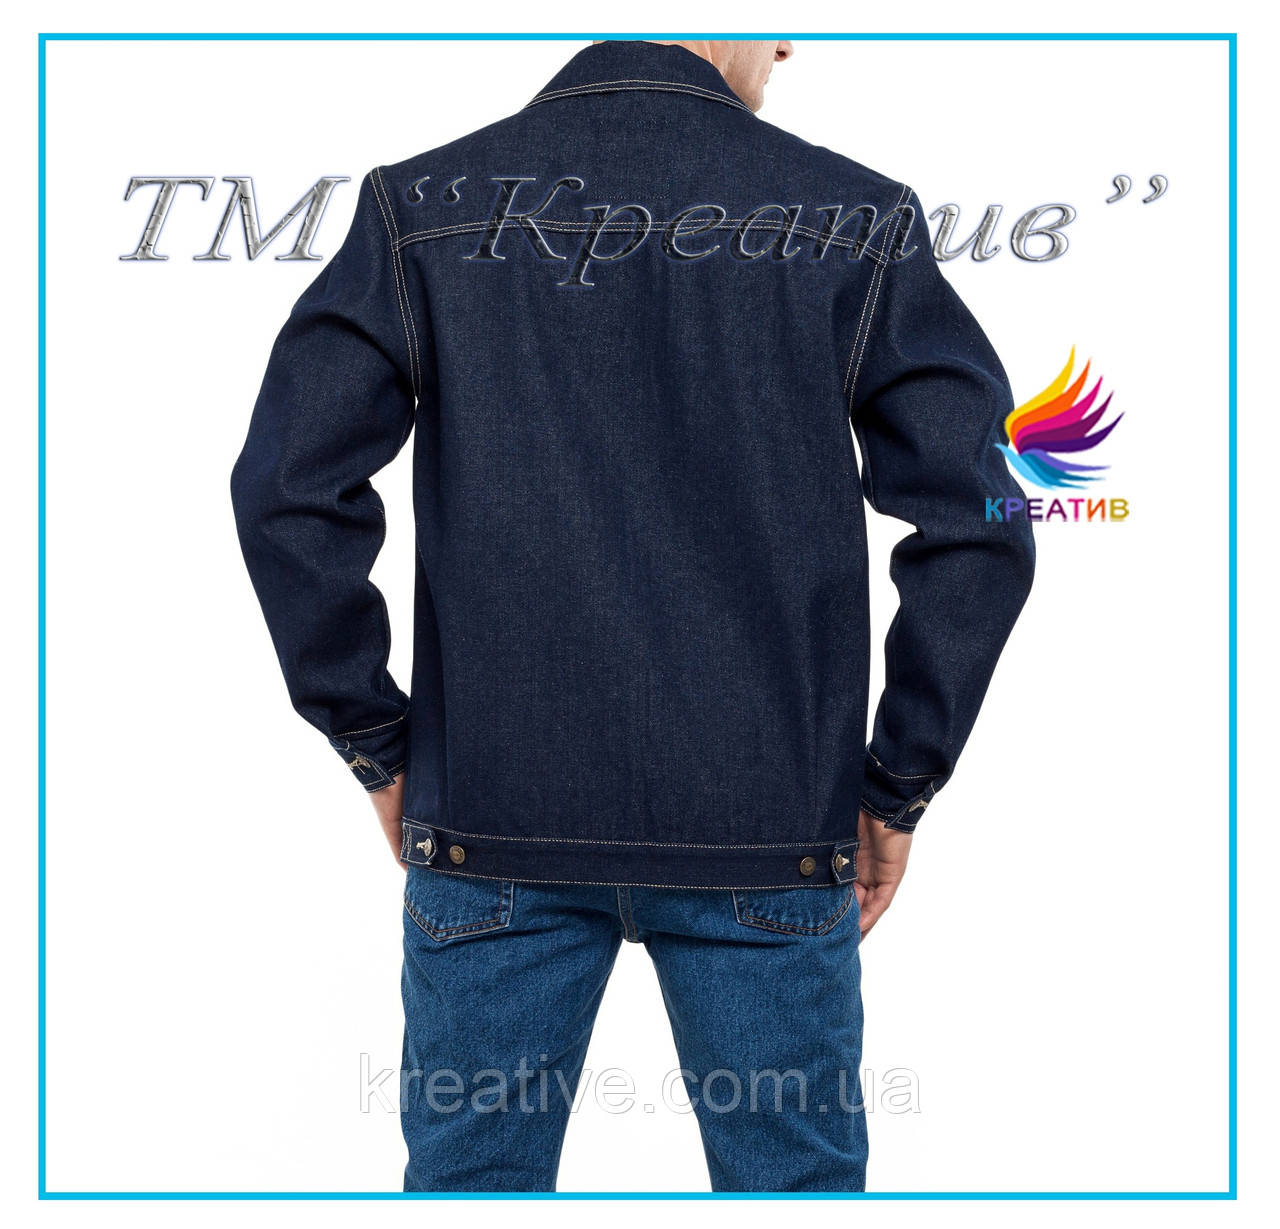 Джинсовая куртка (под заказ от 50 шт)